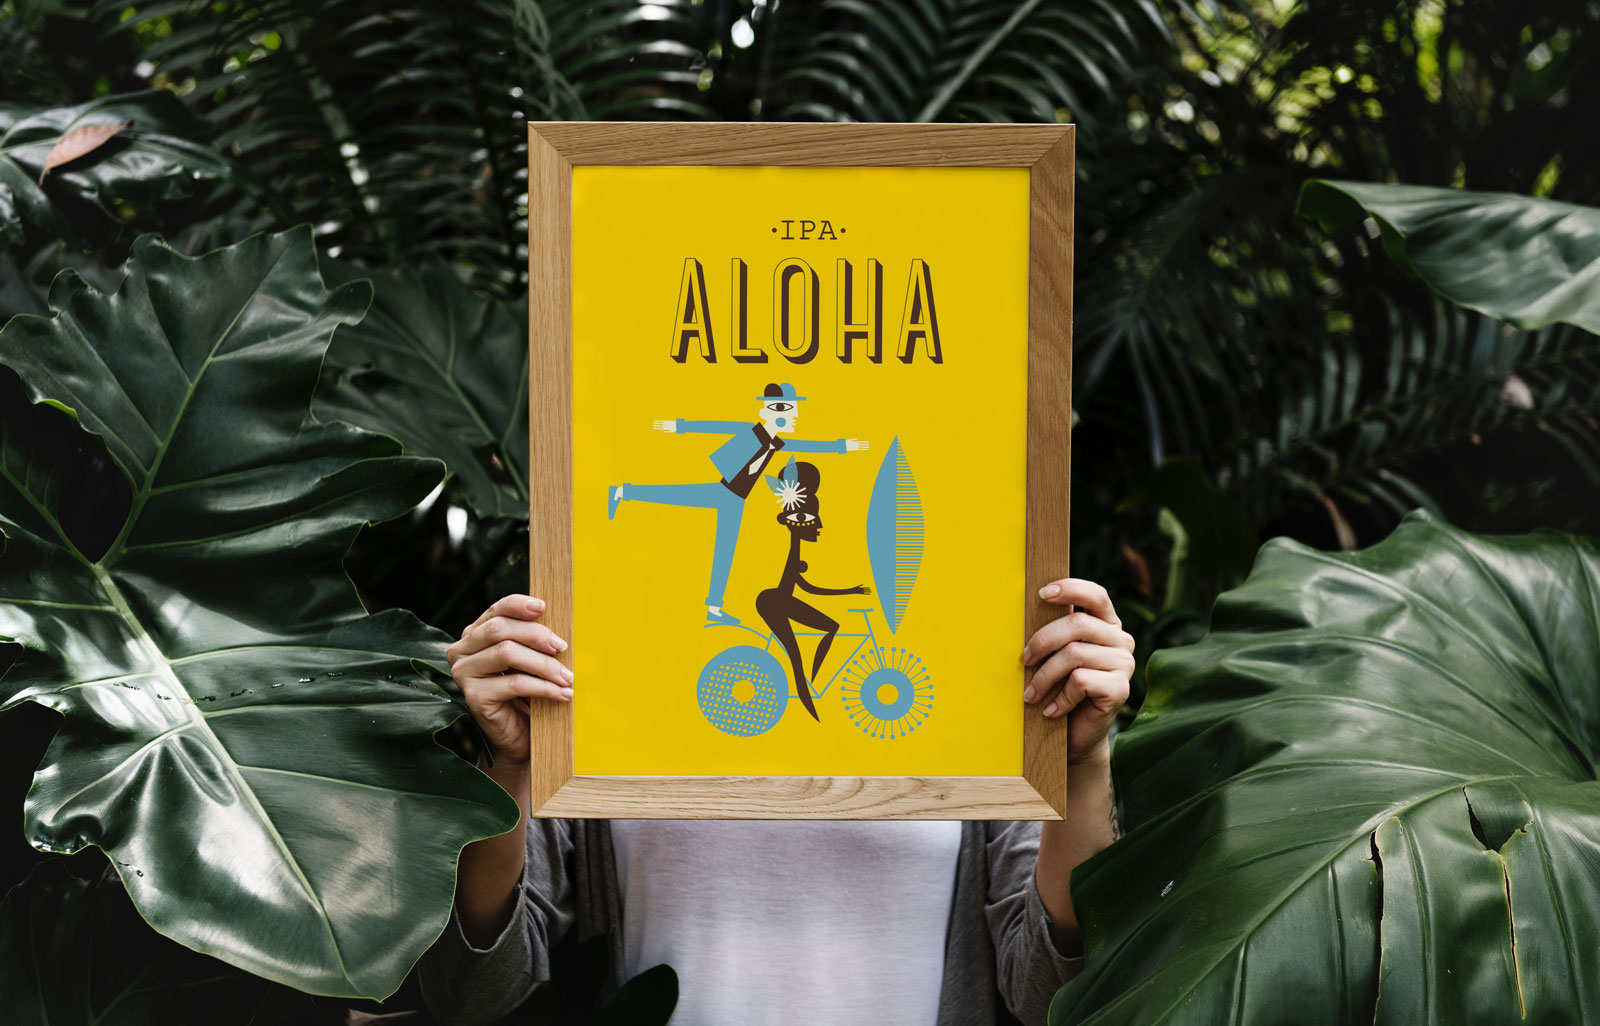 polkadot design - Aloha1.jpg